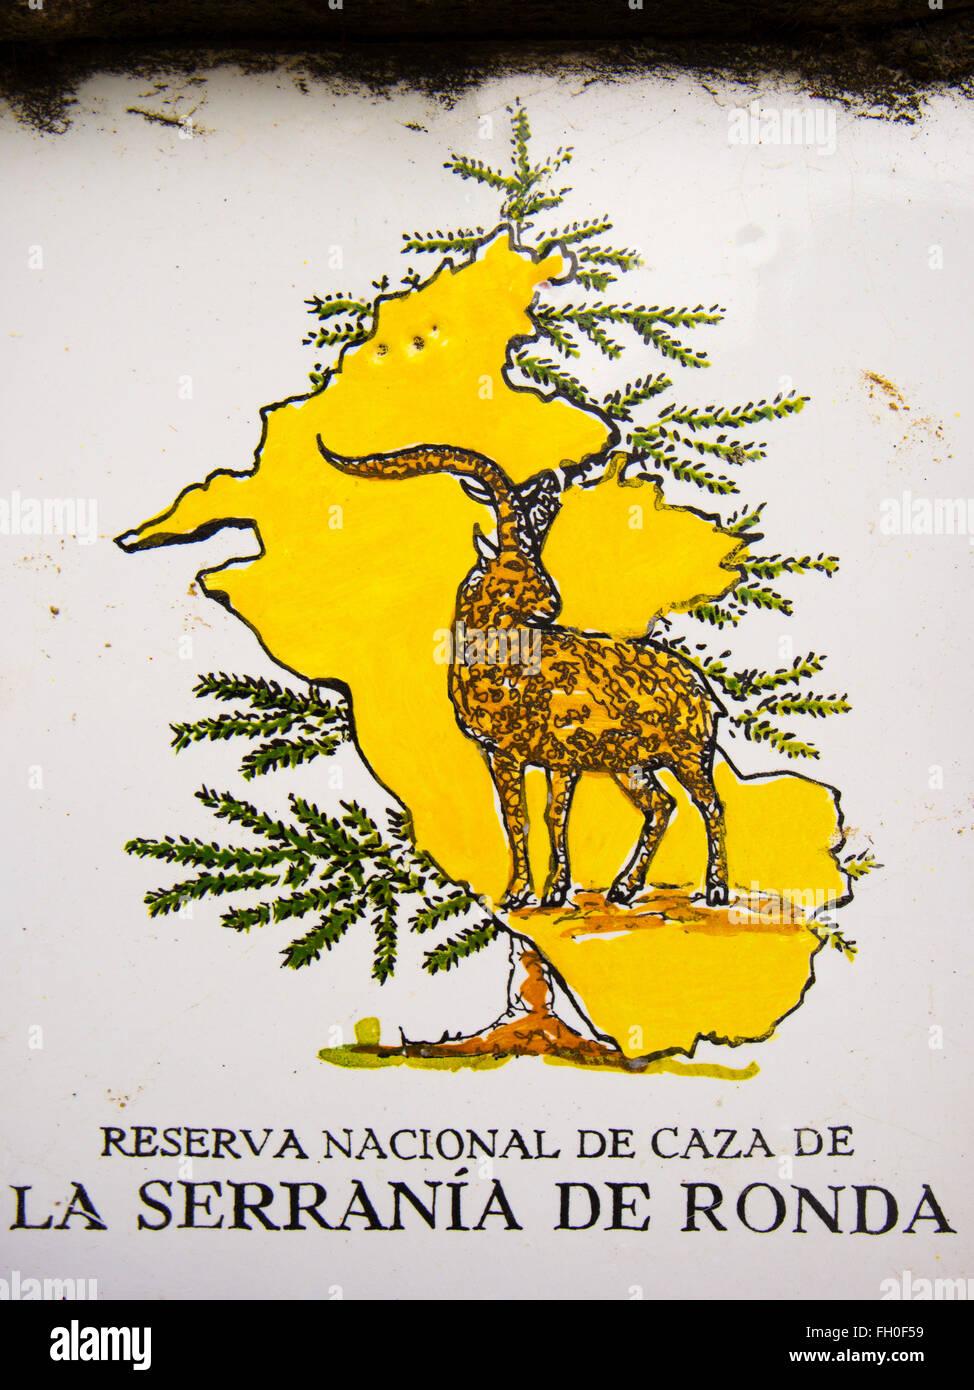 Ceramic tiles, Serrania de Ronda national game reserve, Ojen. Malaga province, Costa del Sol. Andalusia southern - Stock Image